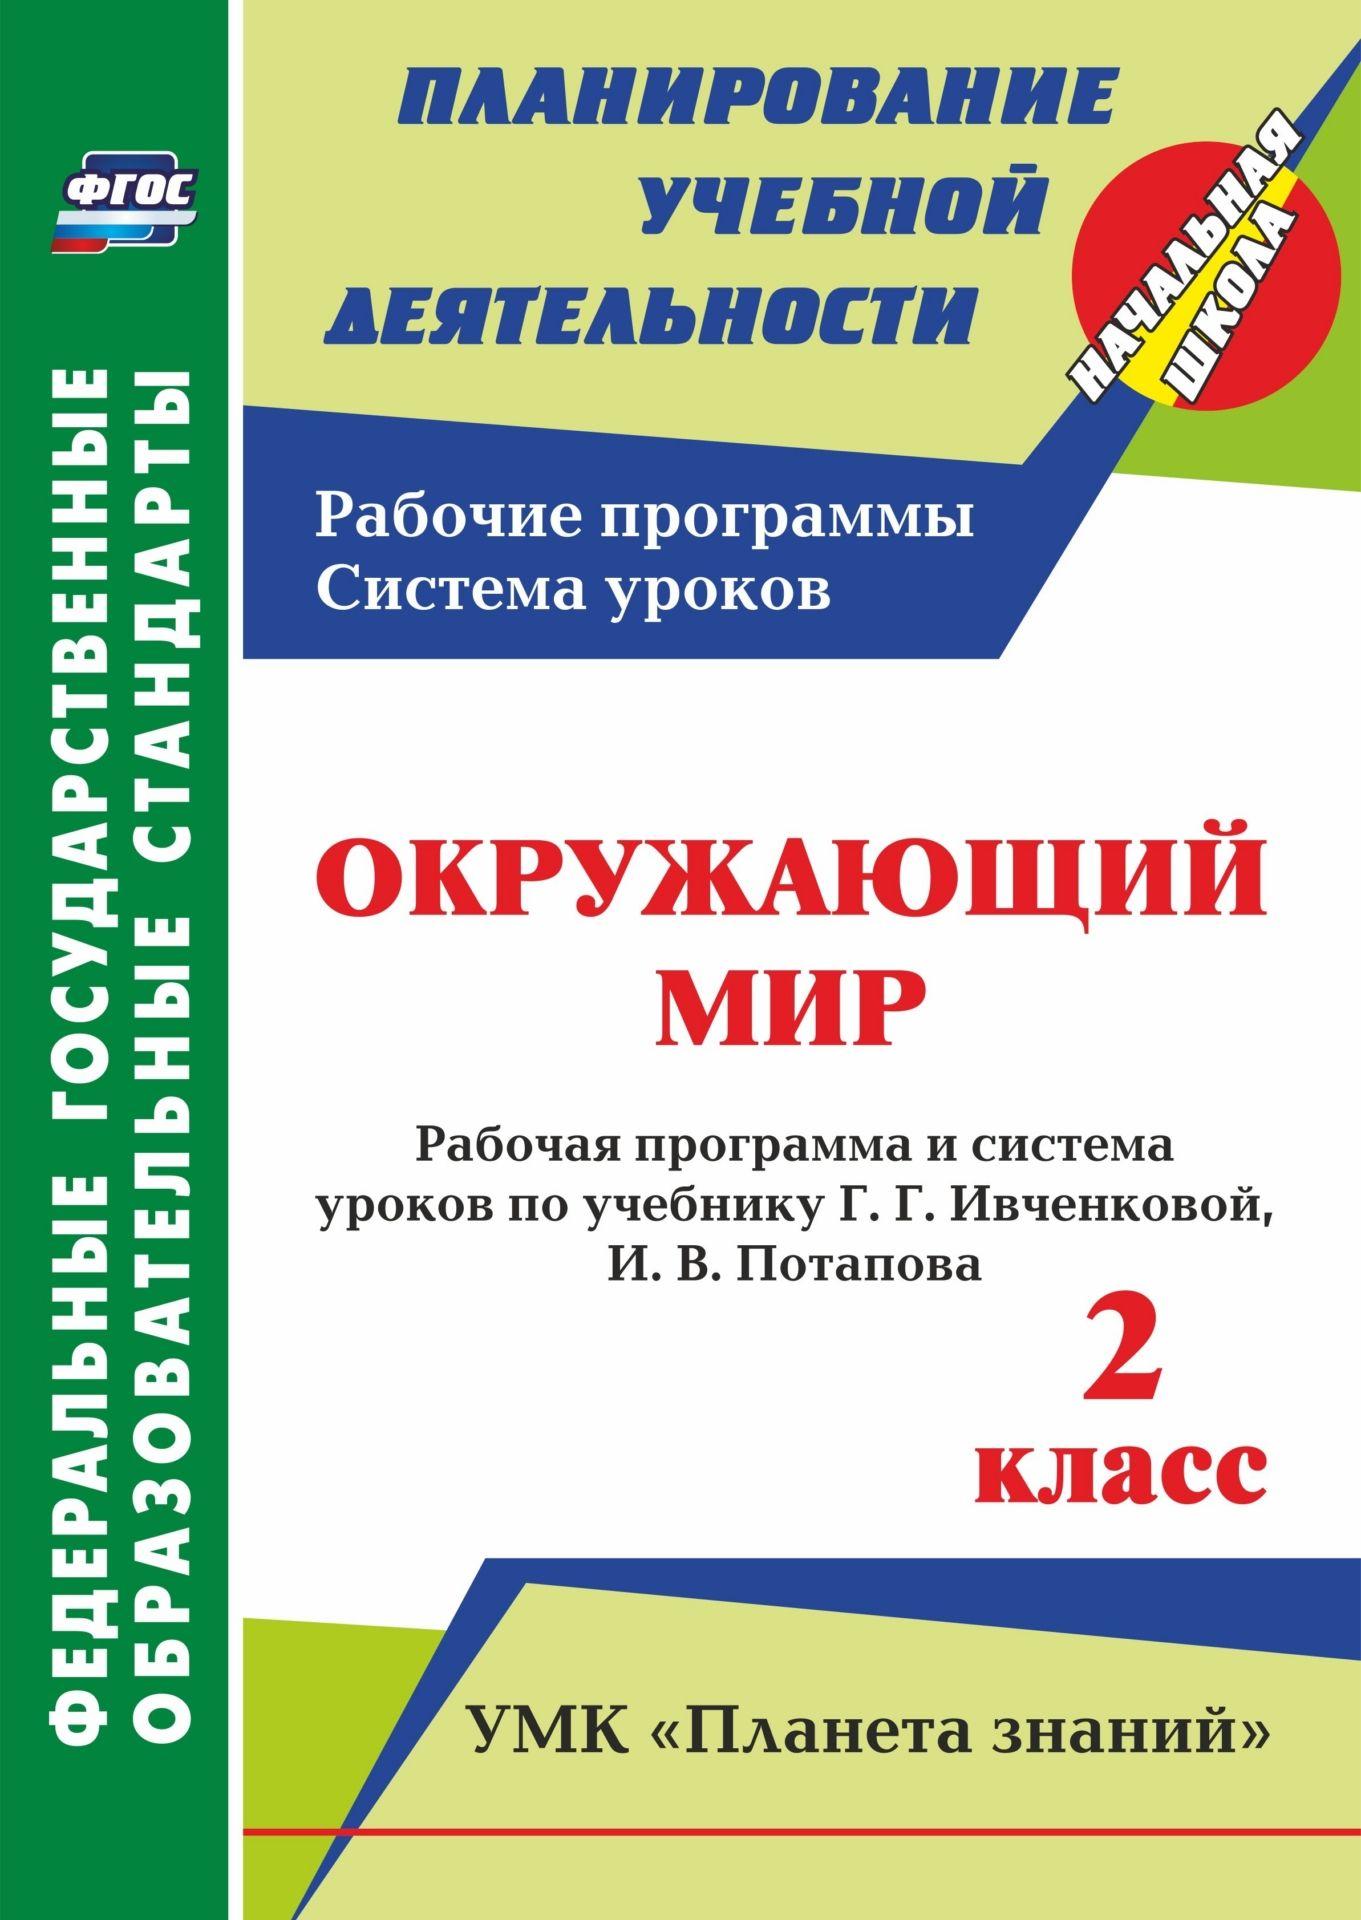 Окружающий мир. 2 кл.: рабочая программа и система уроков по учебнику Г. Г. Ивченковой, И.